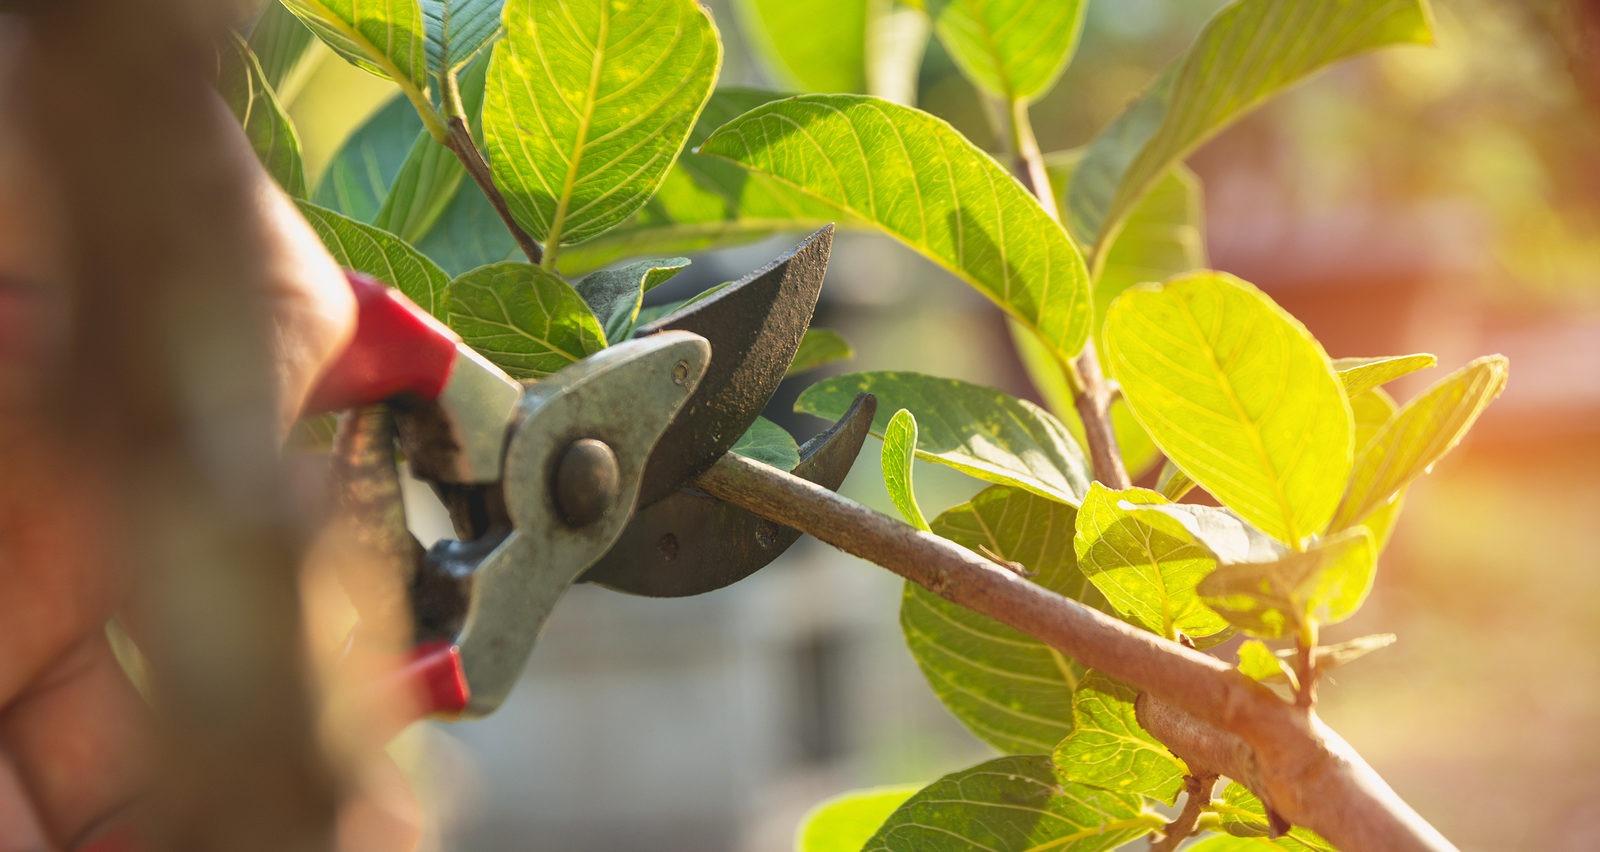 Când și cum se face tăierea pomilor fructiferi: Ghid complet